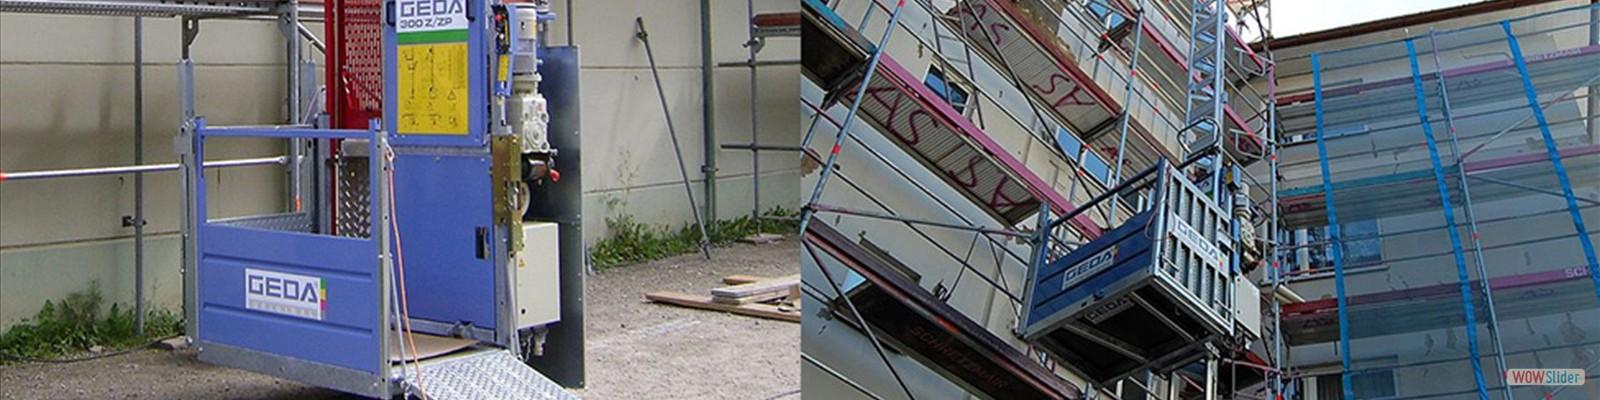 Construction Hoist NZ|Materials Hoists NZ|Temporary Goods